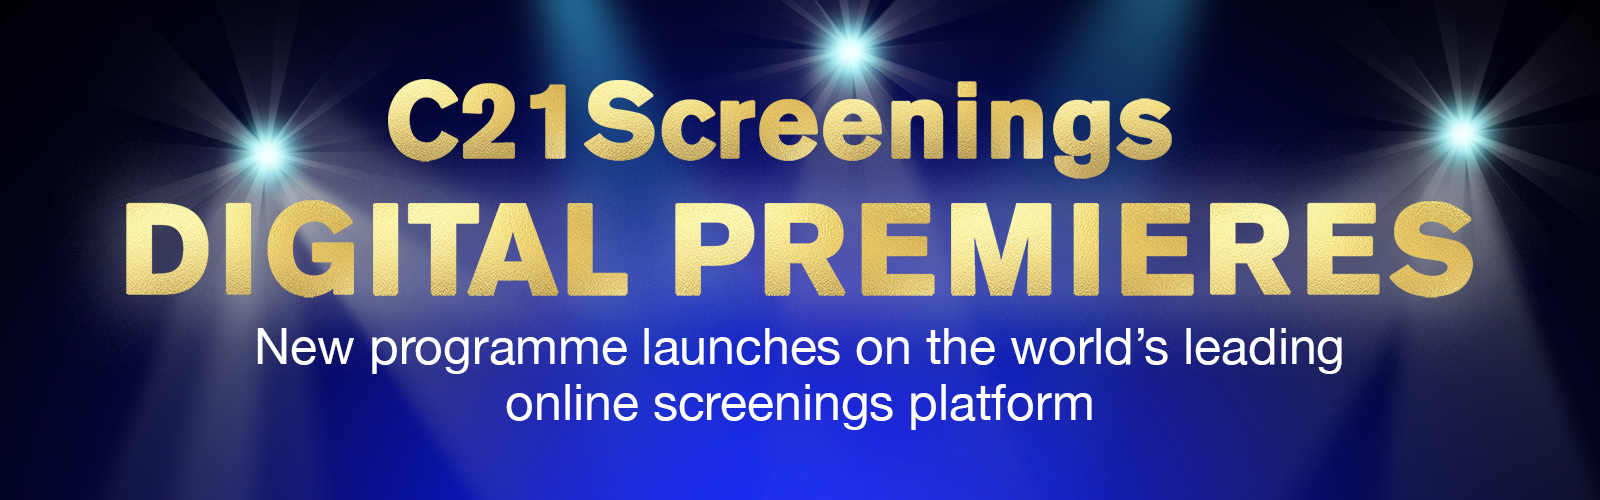 Digital Premiers Banner